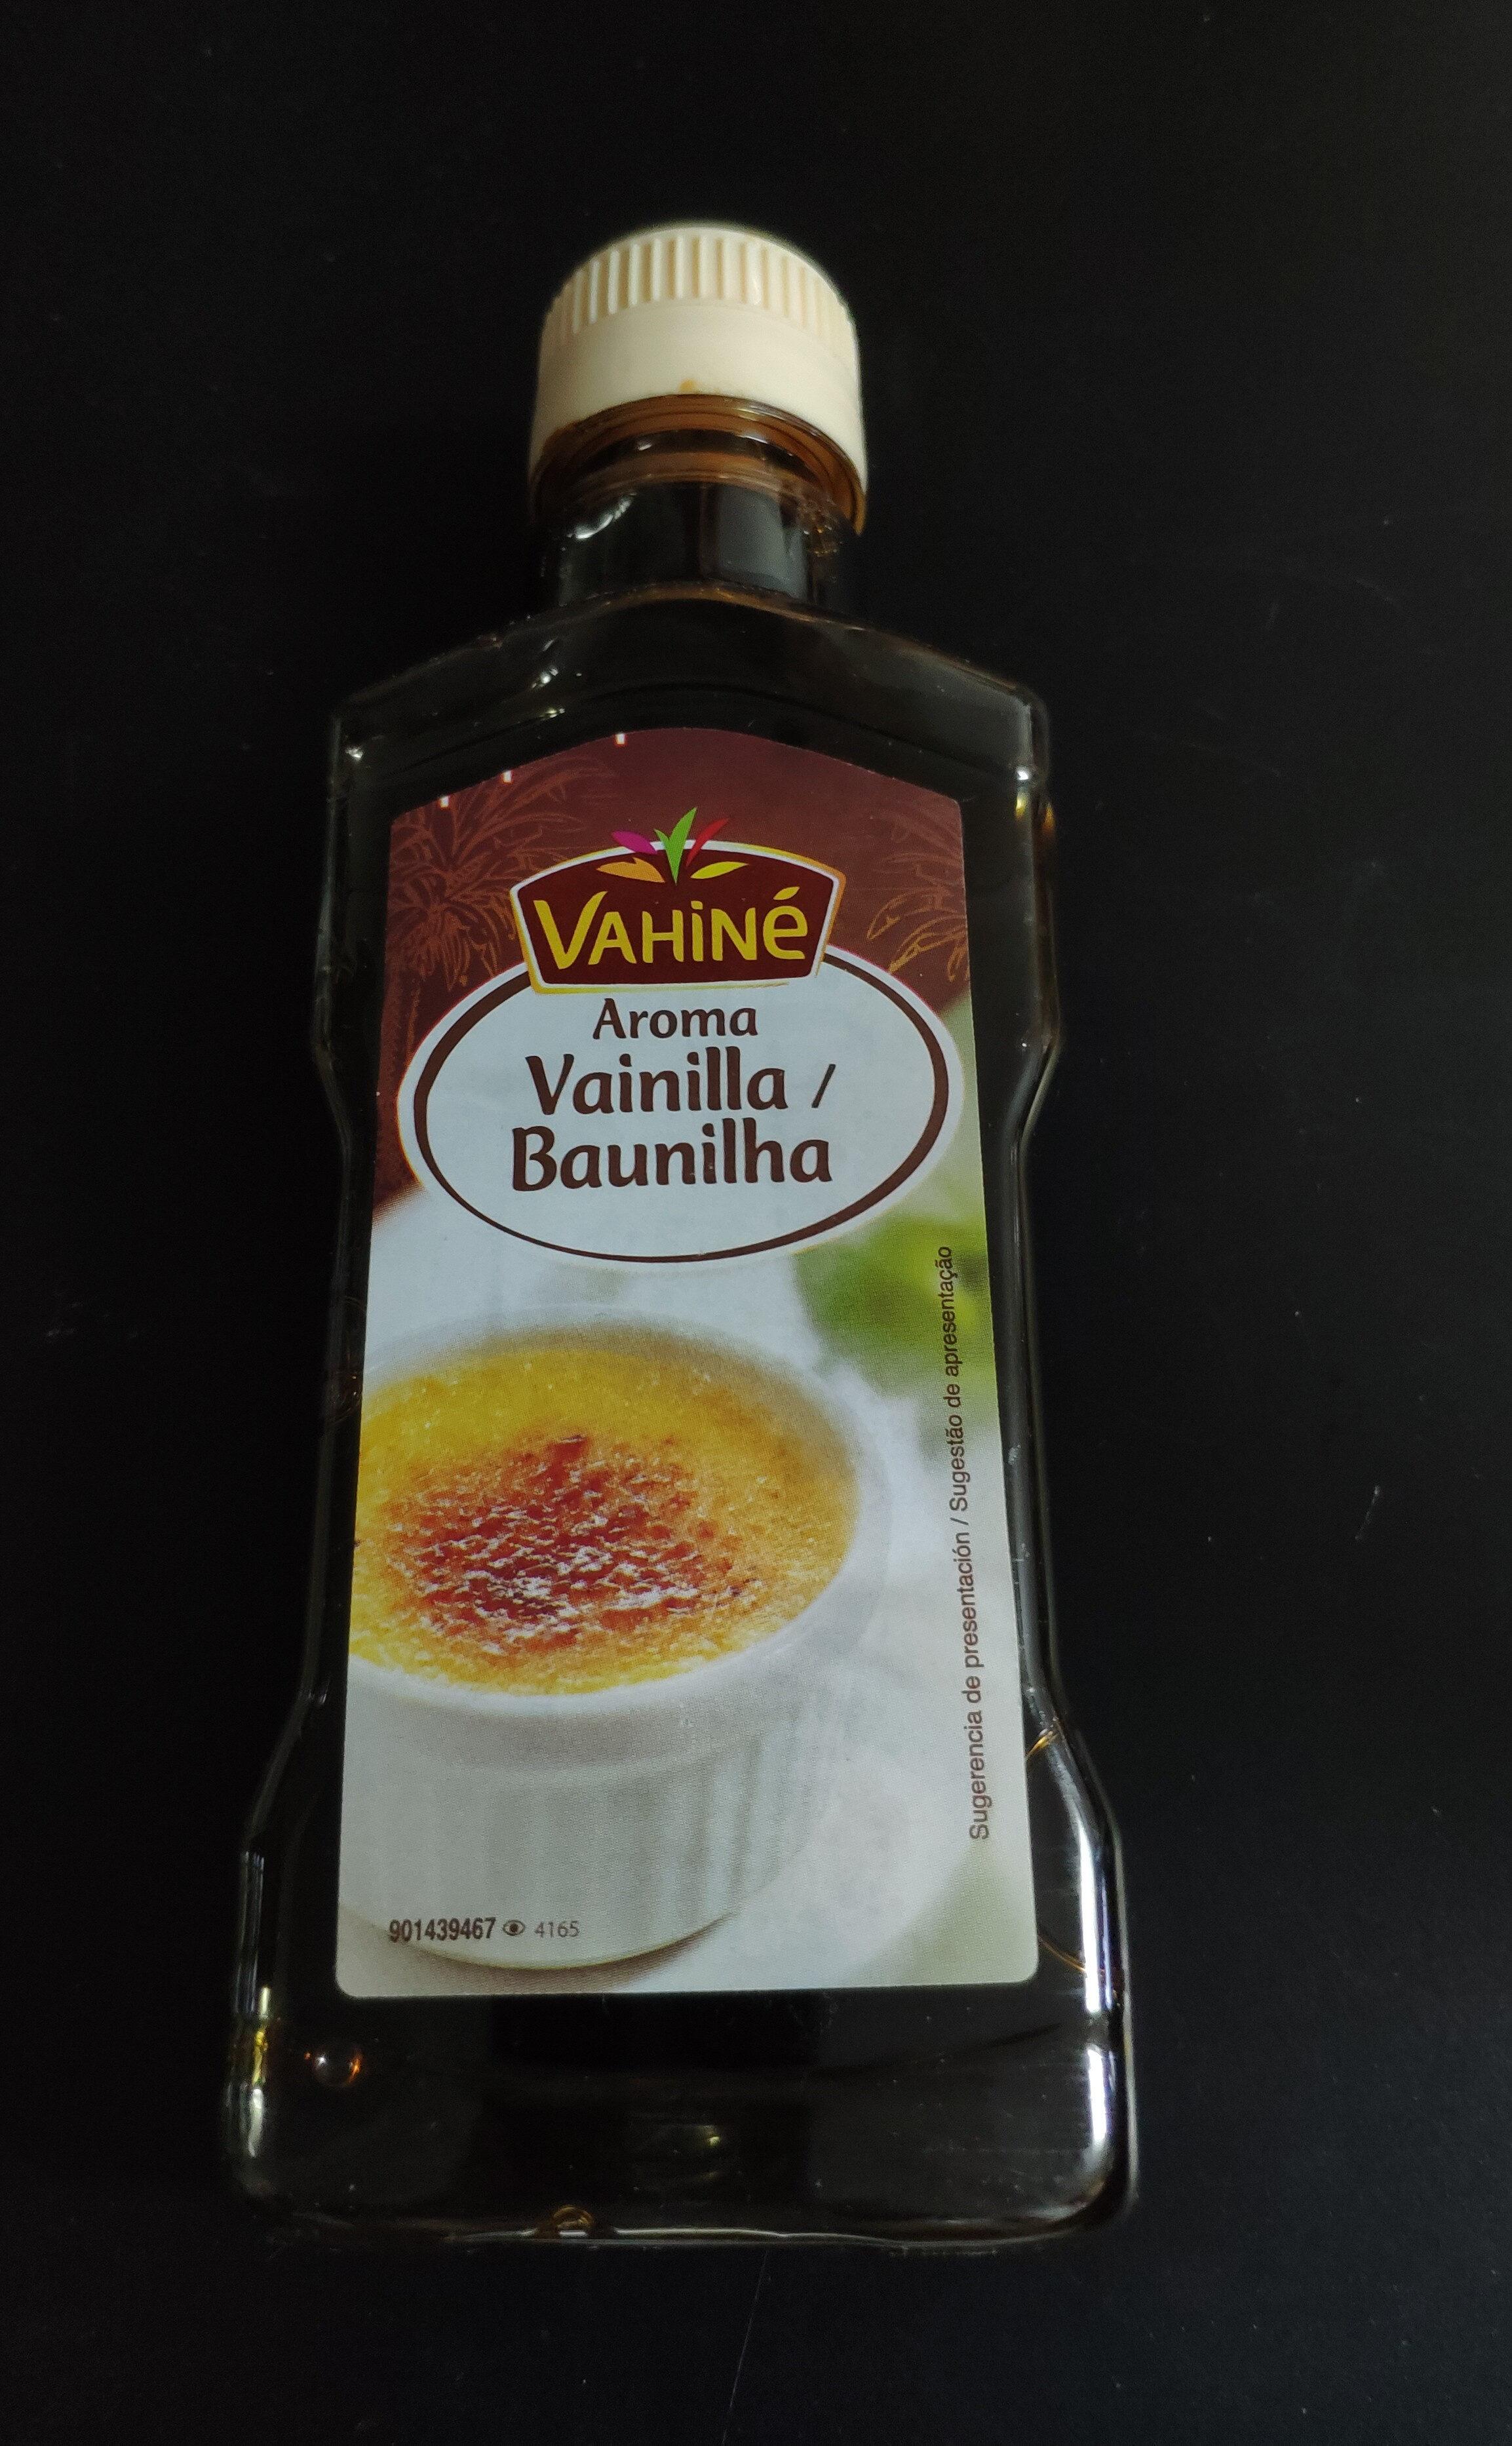 Aroma de vainilla - Product - es